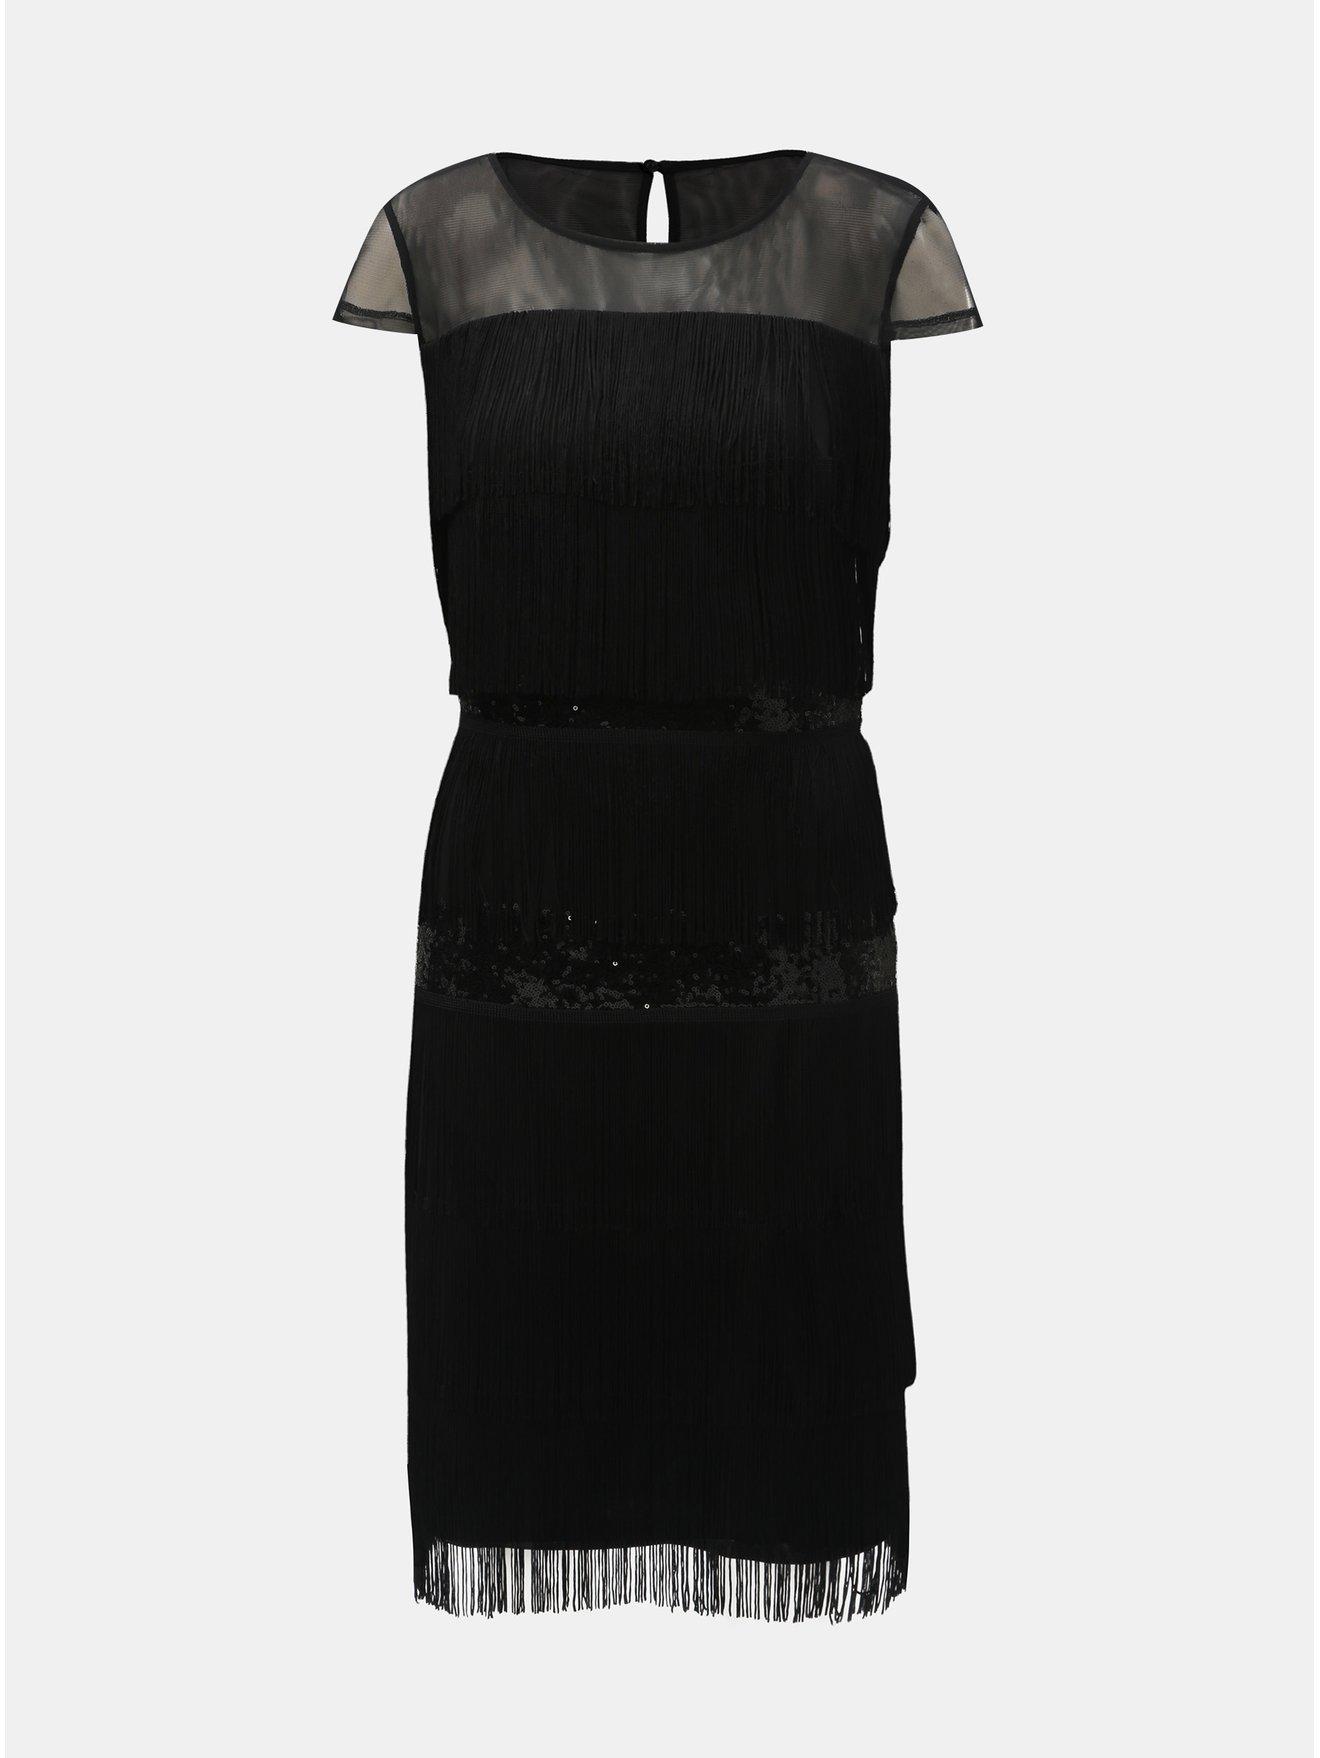 Černé šaty s třásněmi a flitry Lily   Franc by Dorothy Perkins 2299551c49